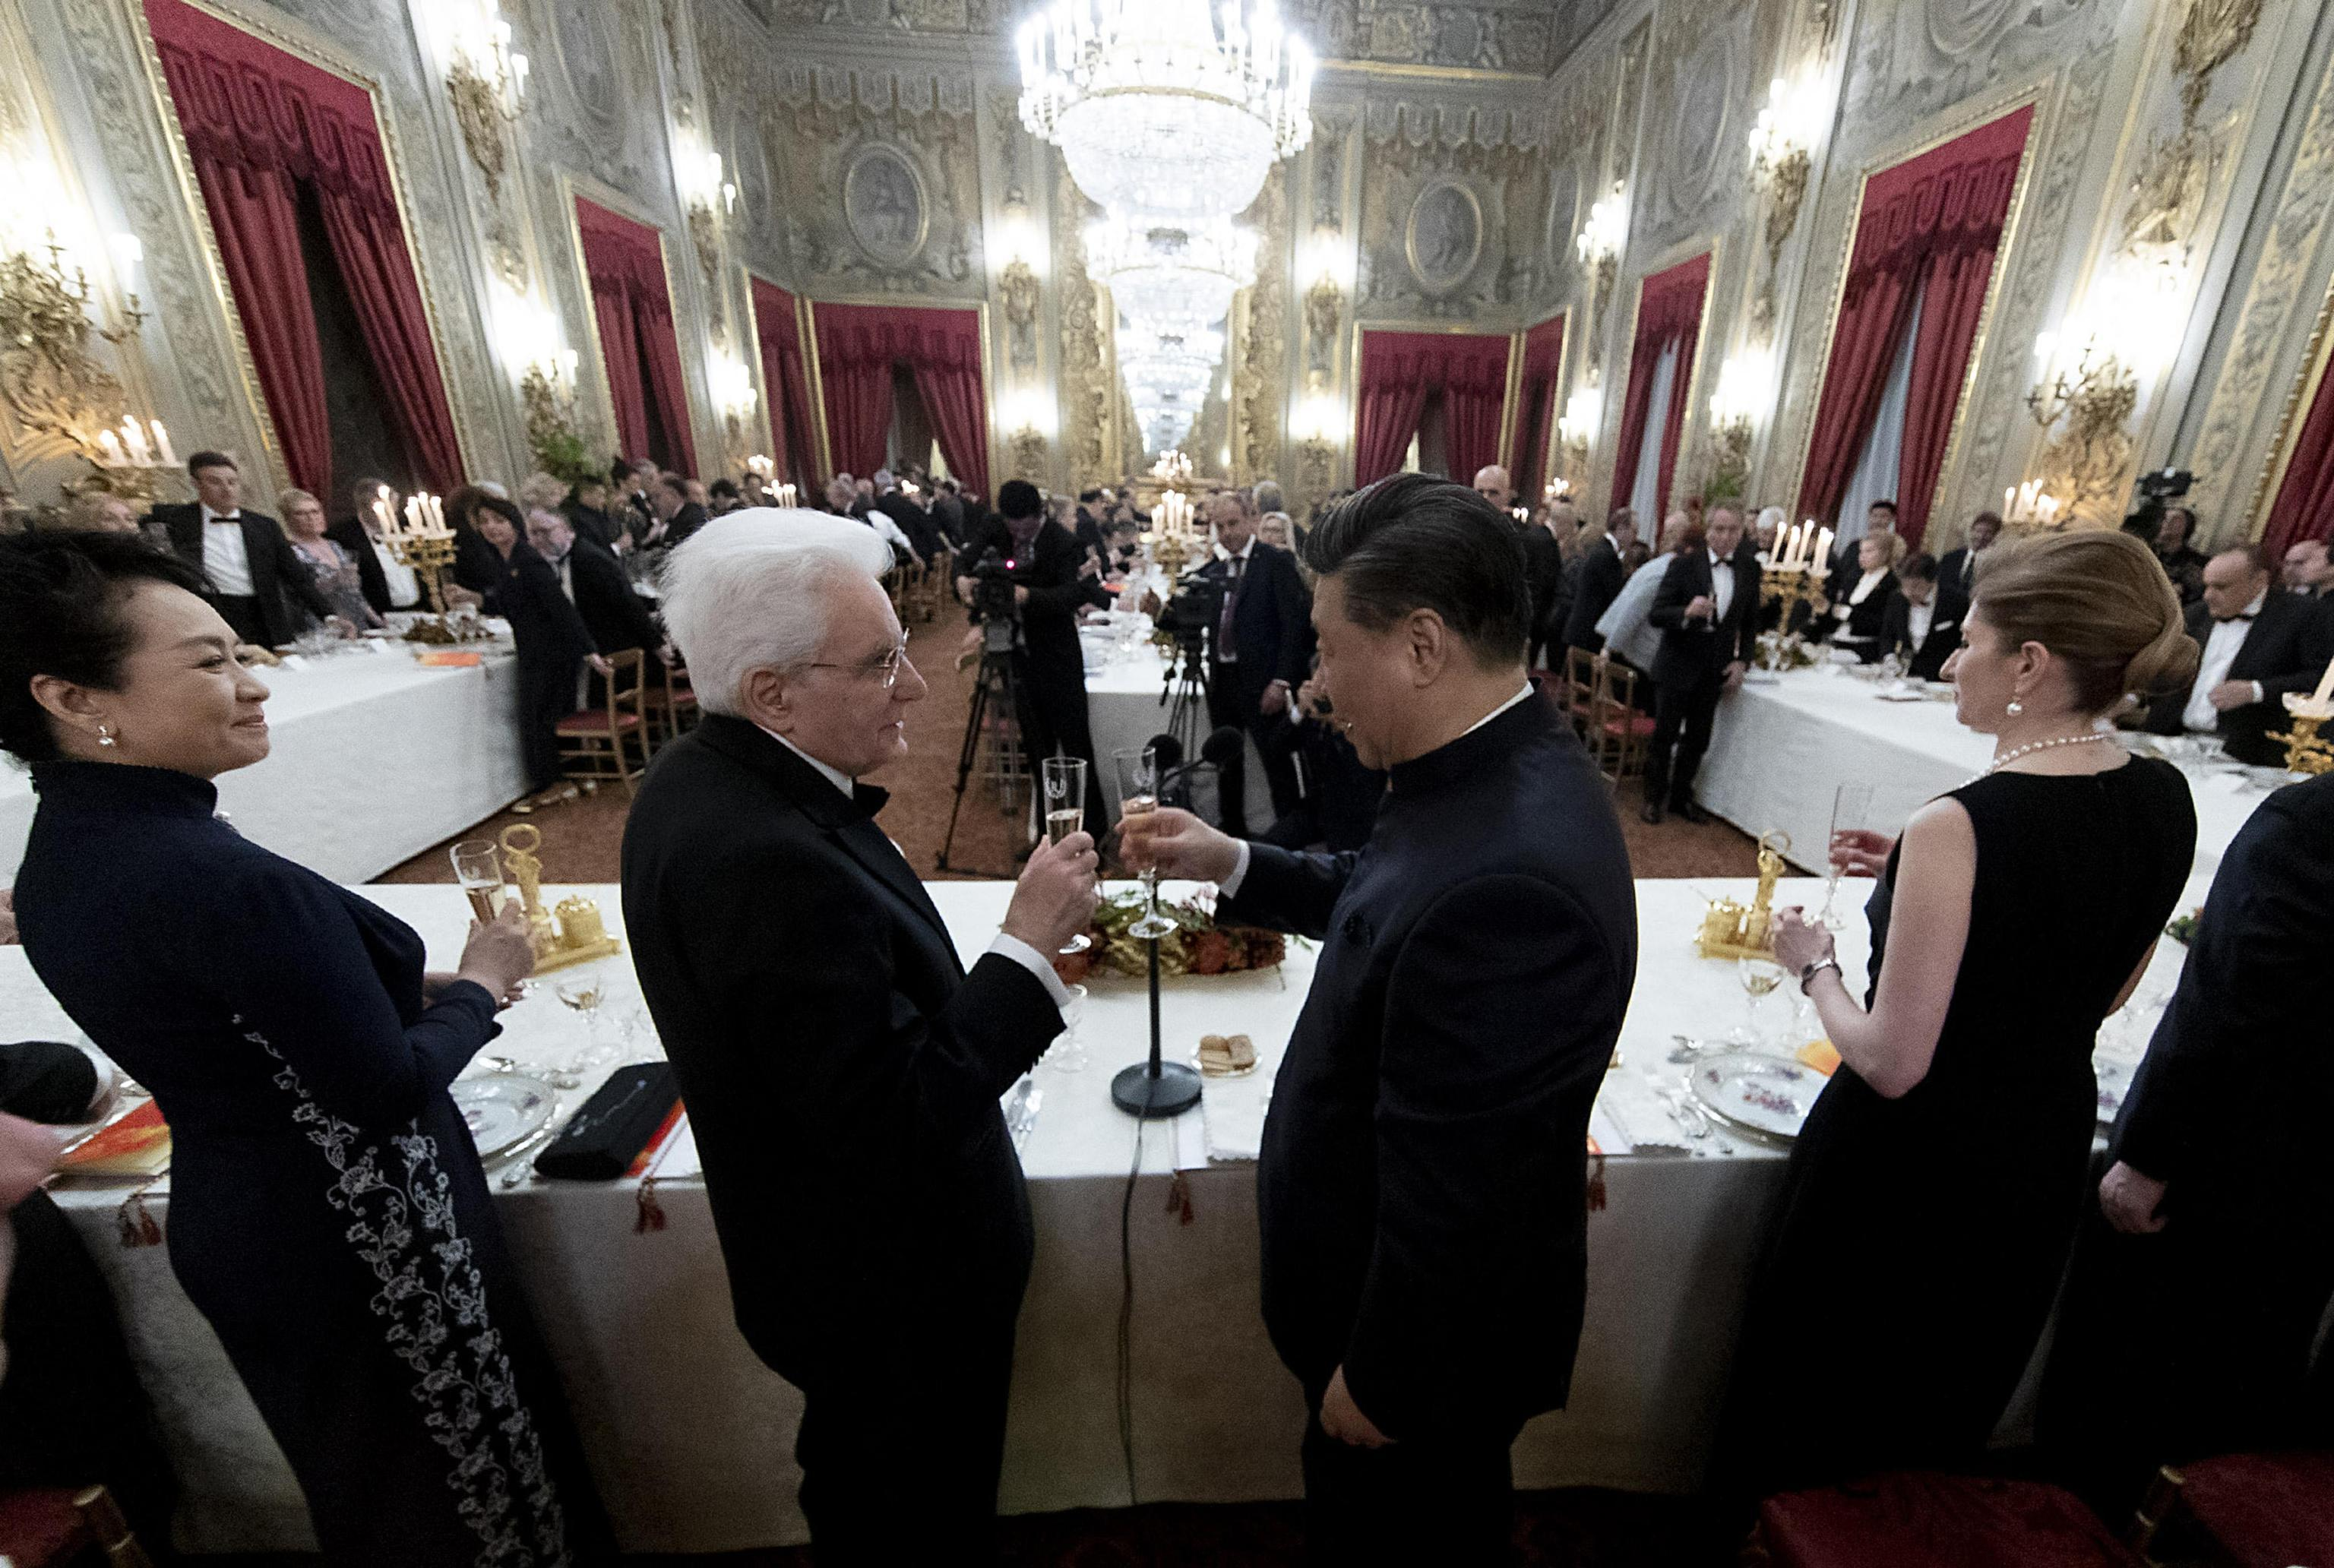 Cena di Stato in abiti tradizionali, la serata romana di Xi Jinping